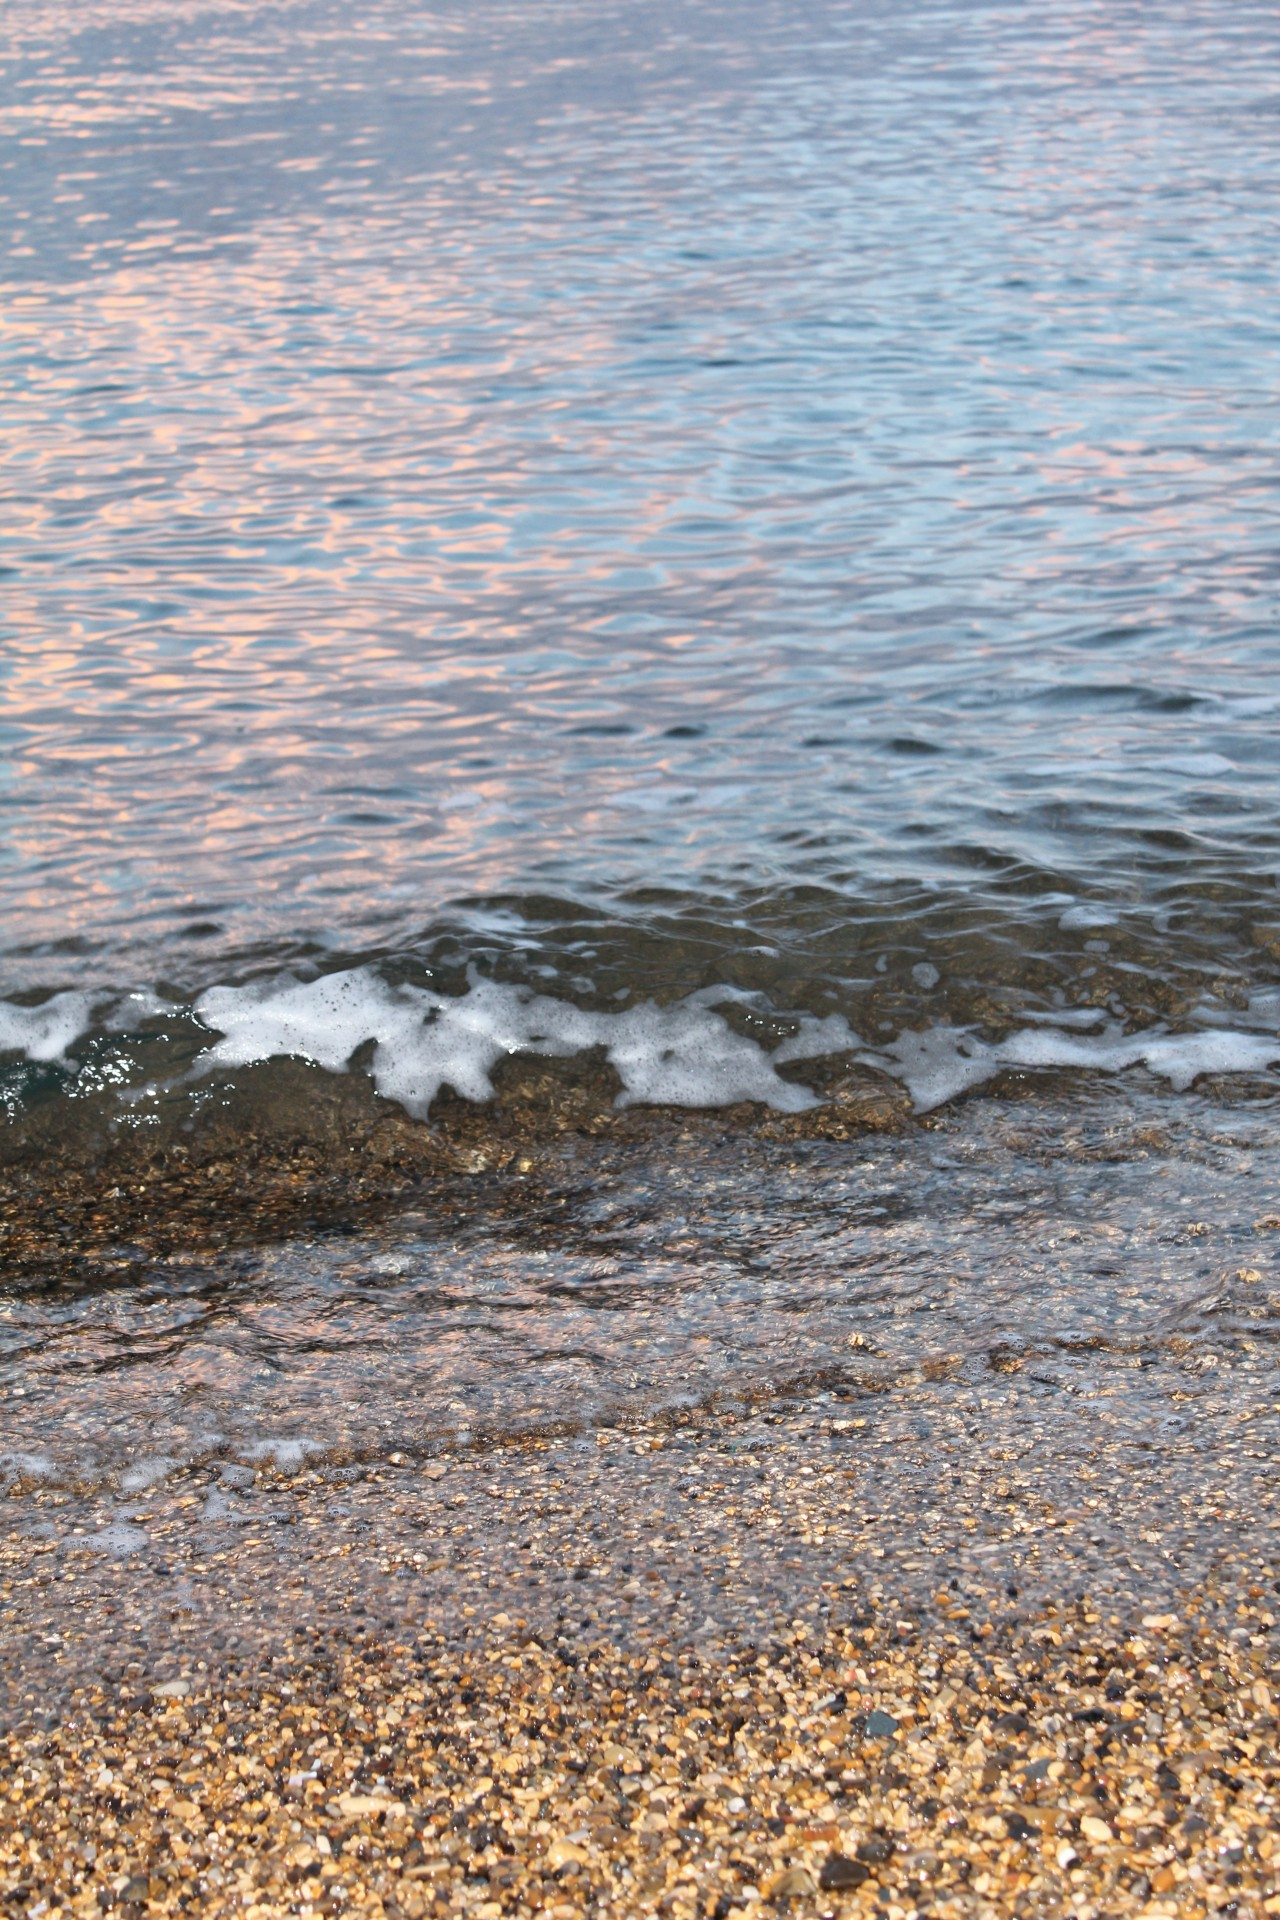 青森 風景 陸奥湾 釣り 海岸 冬 雪 波